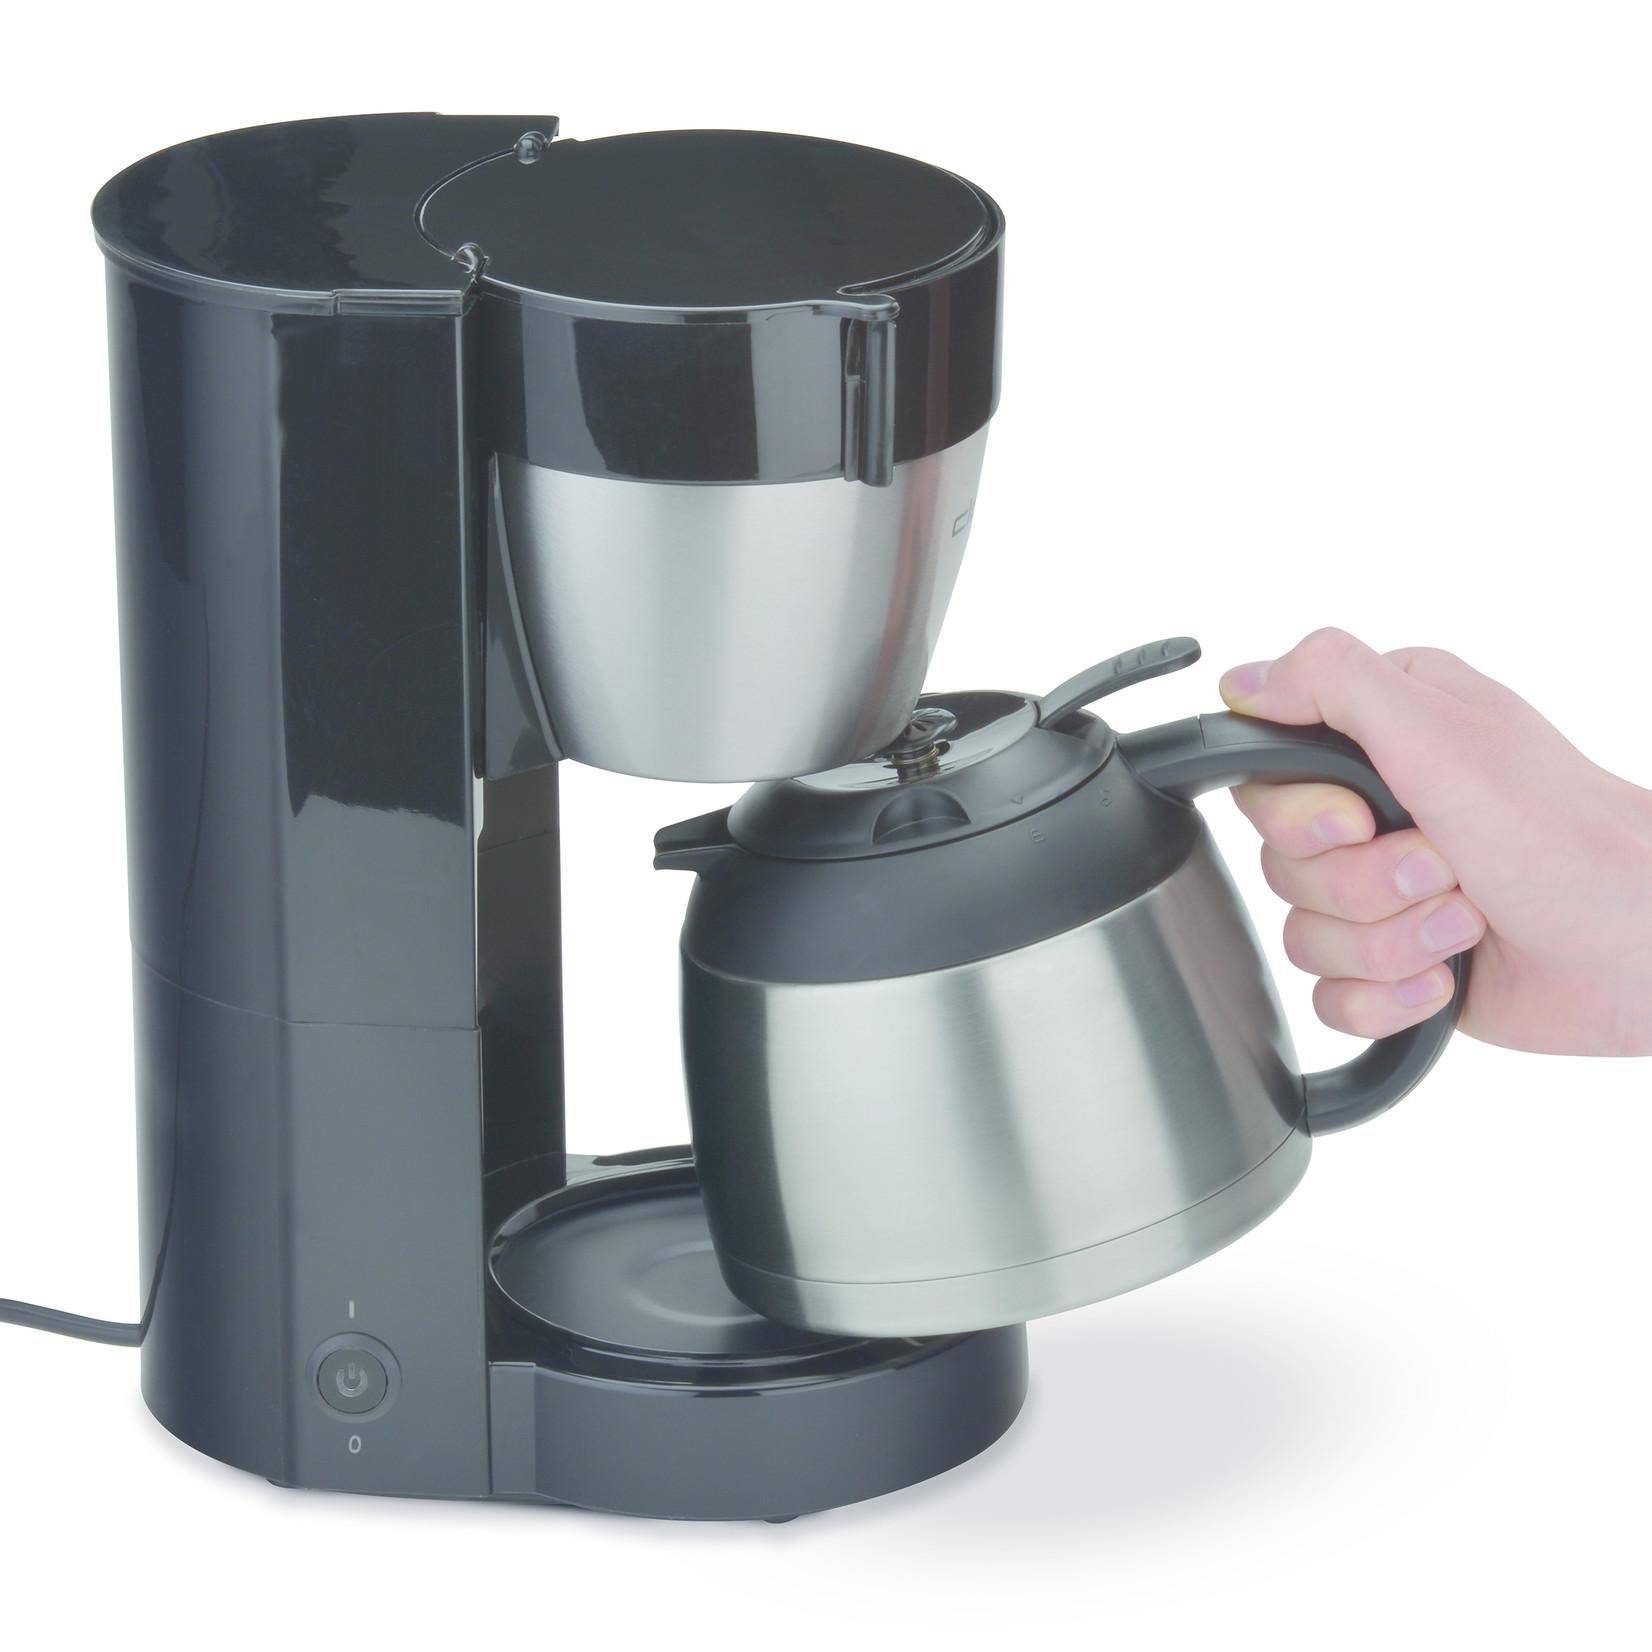 Cloer Cloer koffiezetapparaat 5009